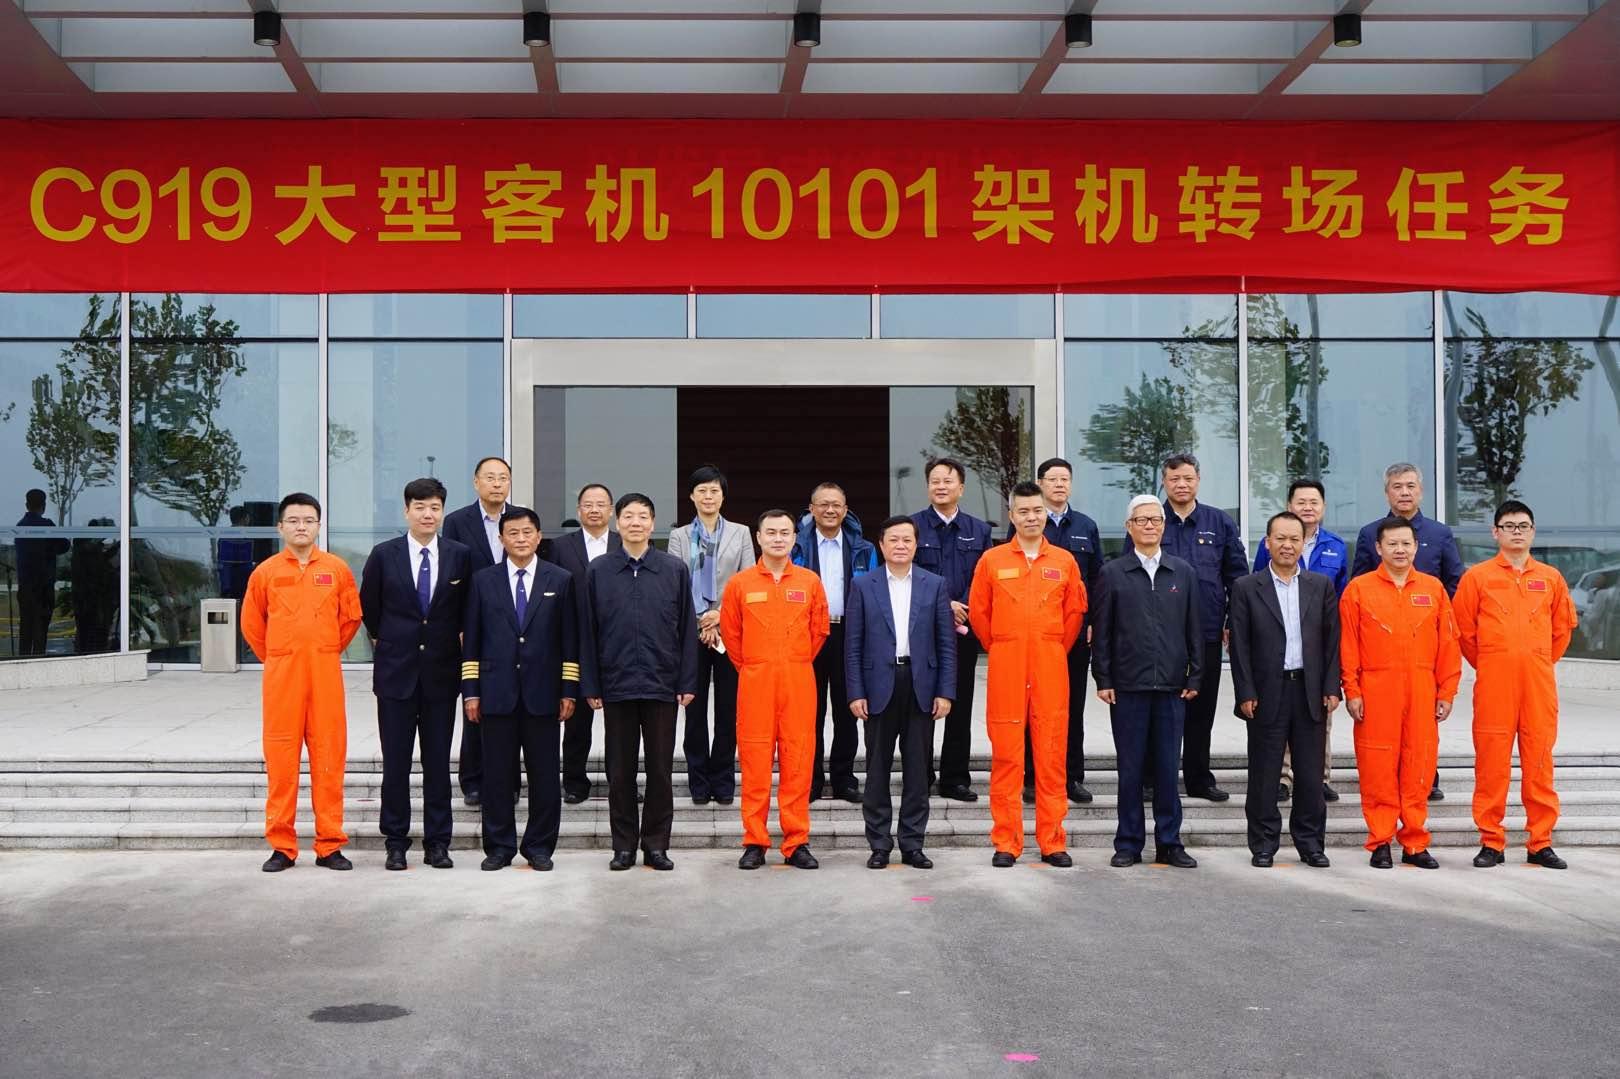 國產大飛機C919首次遠航轉場西安閻良 預計最快三年取證